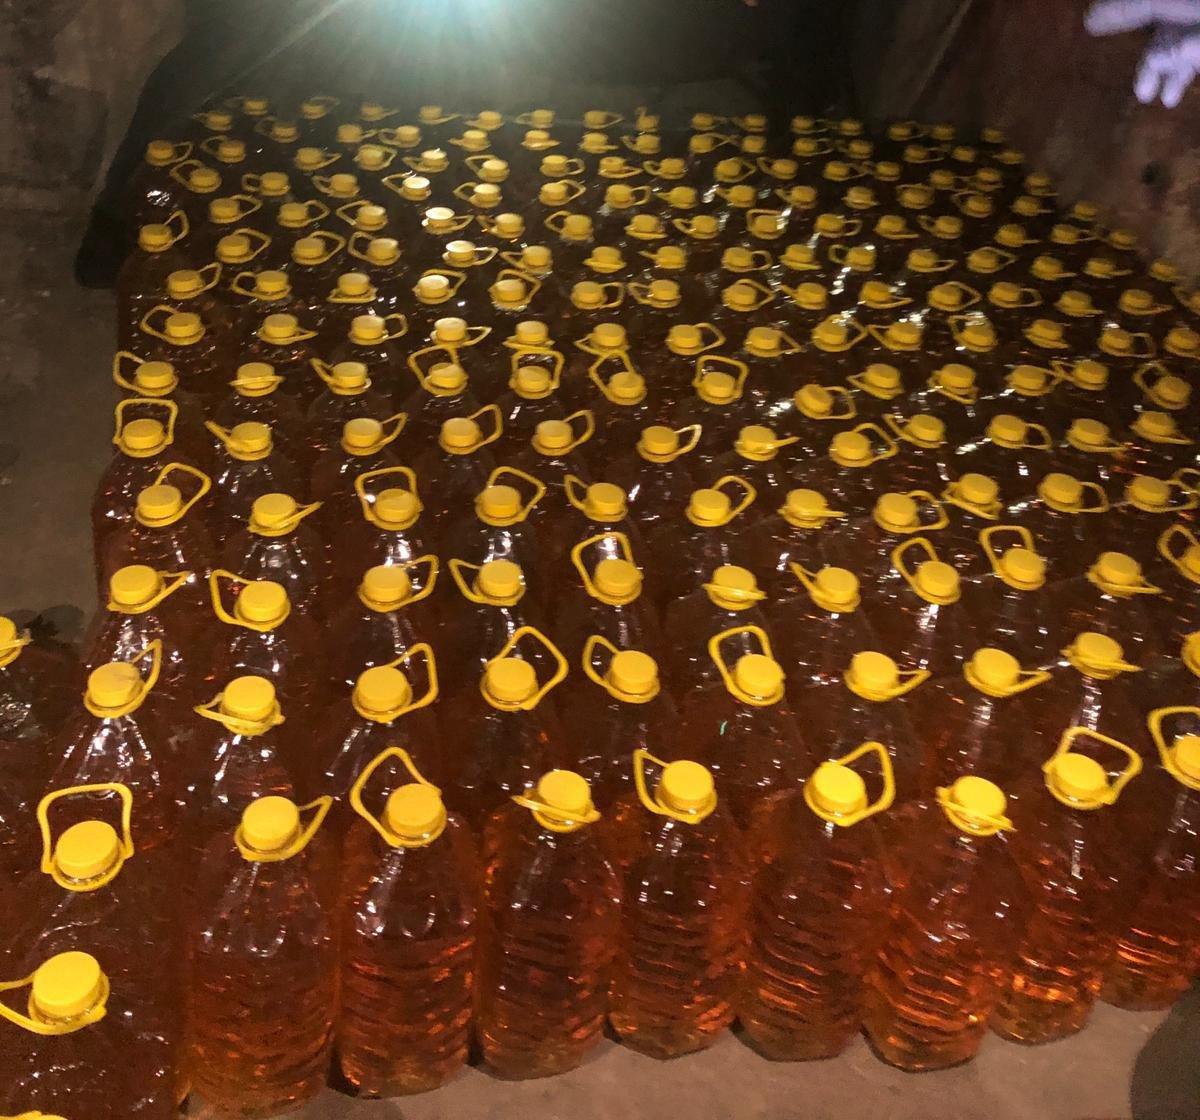 Tekirdağ da sirke fabrikasında 90.5 ton kaçak içki ele geçirildi #1